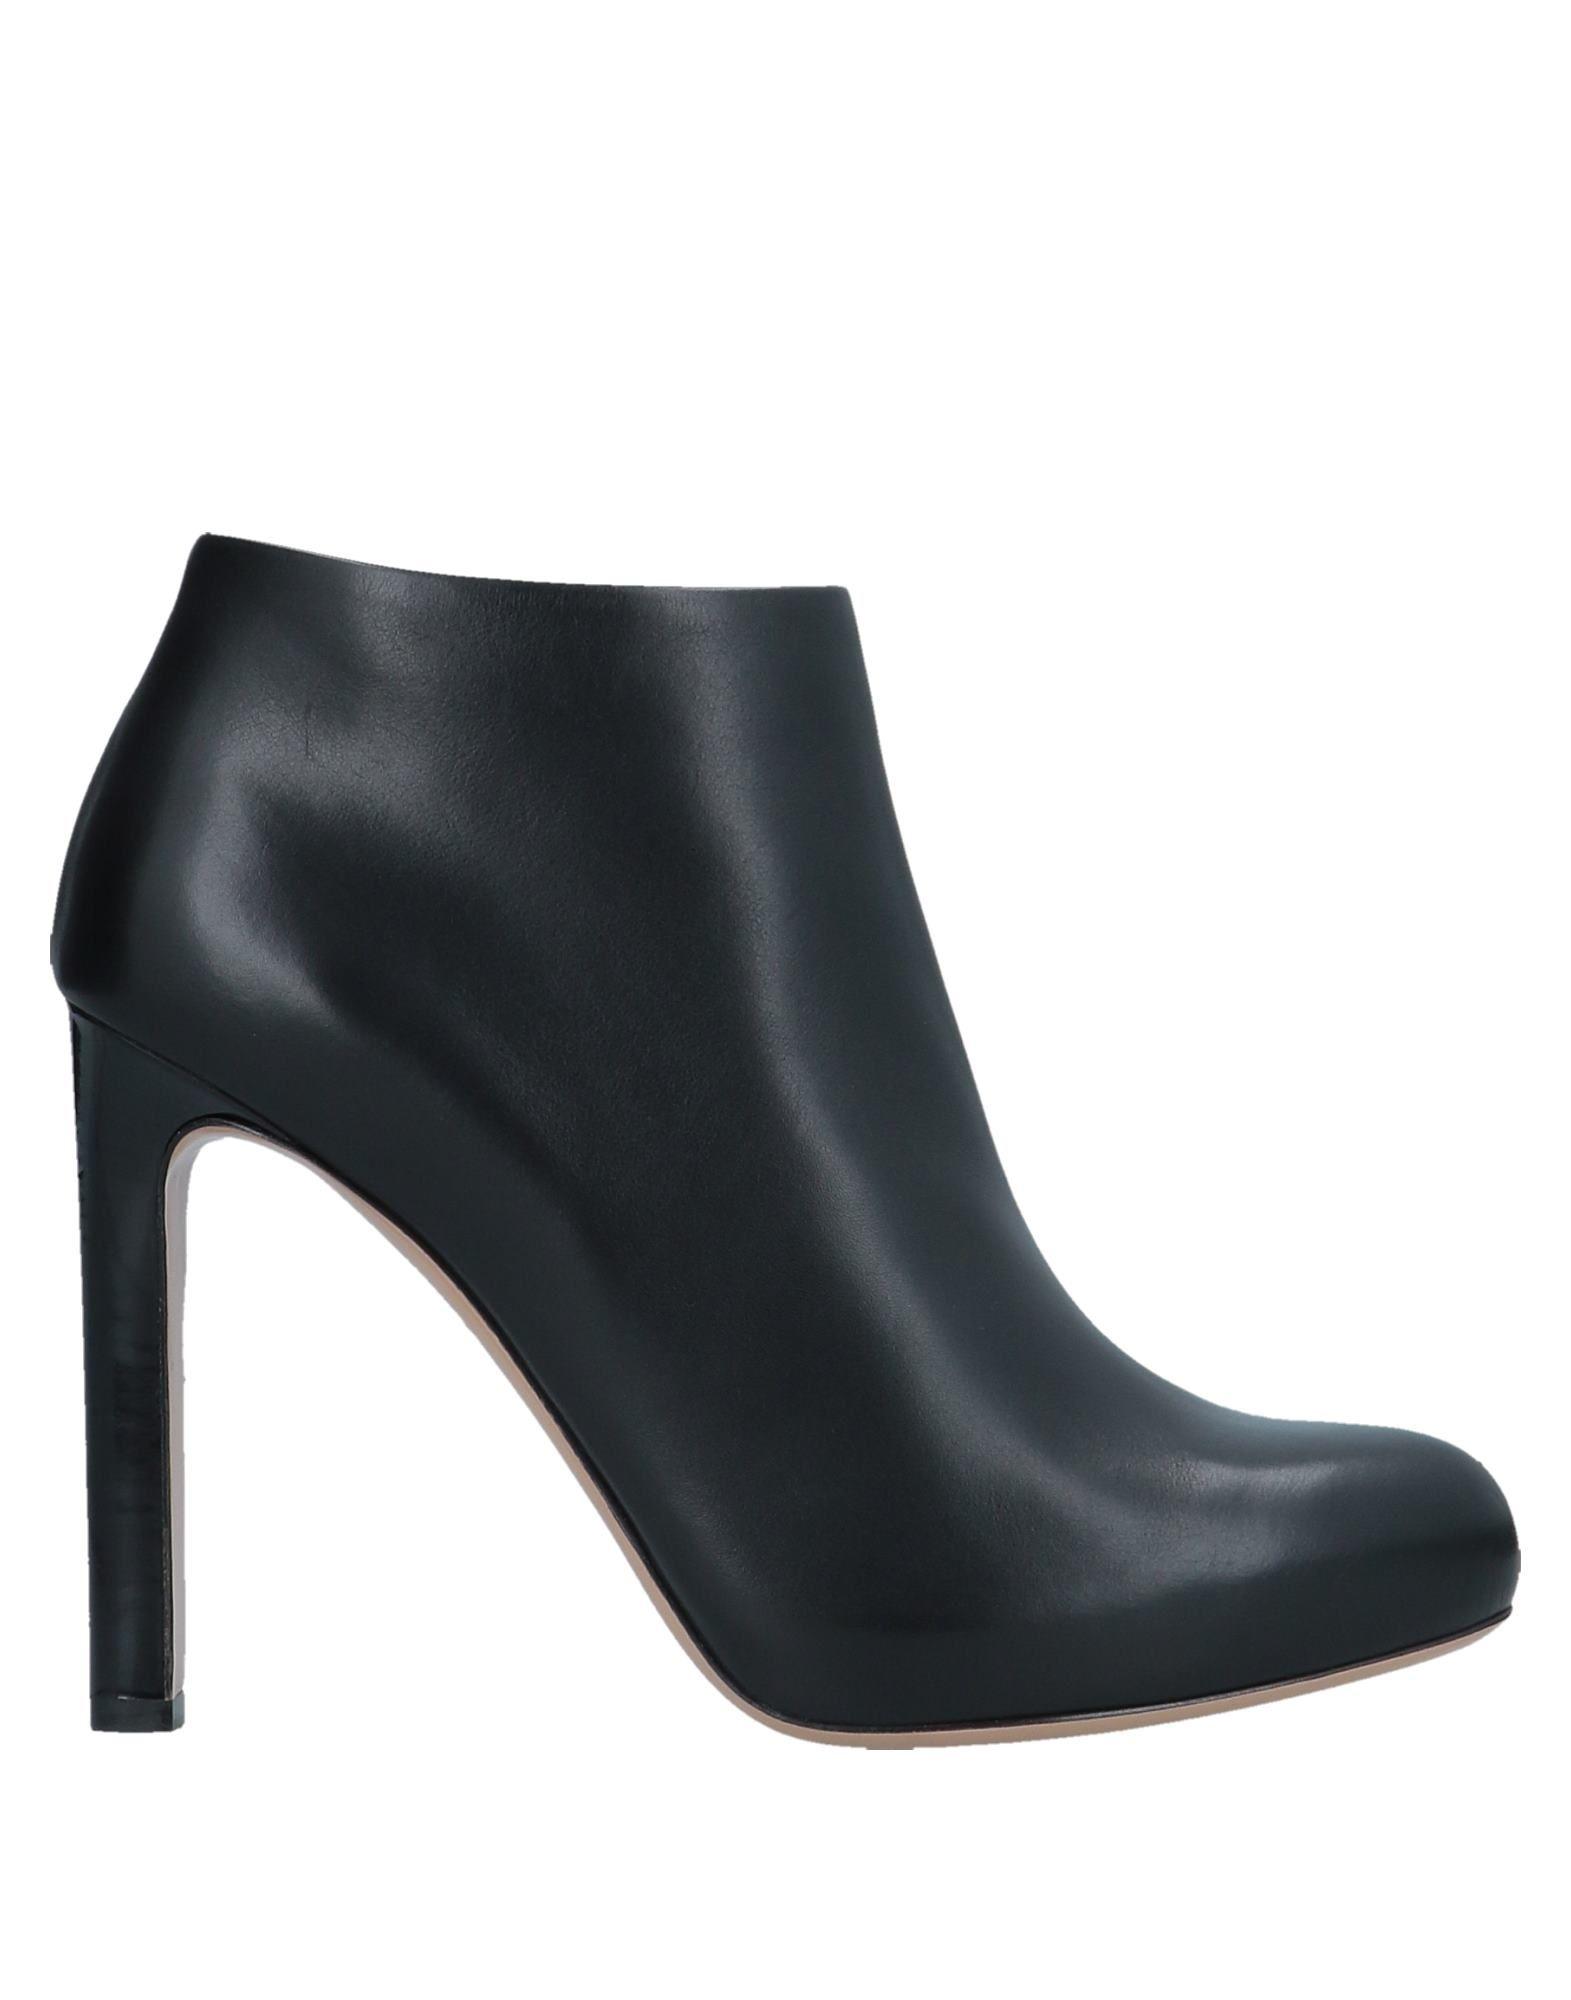 Salvatore Ferragamo Ankle Boot - Women Salvatore Ferragamo  Ankle Boots online on  Ferragamo Australia - 11554683HP 56f28f